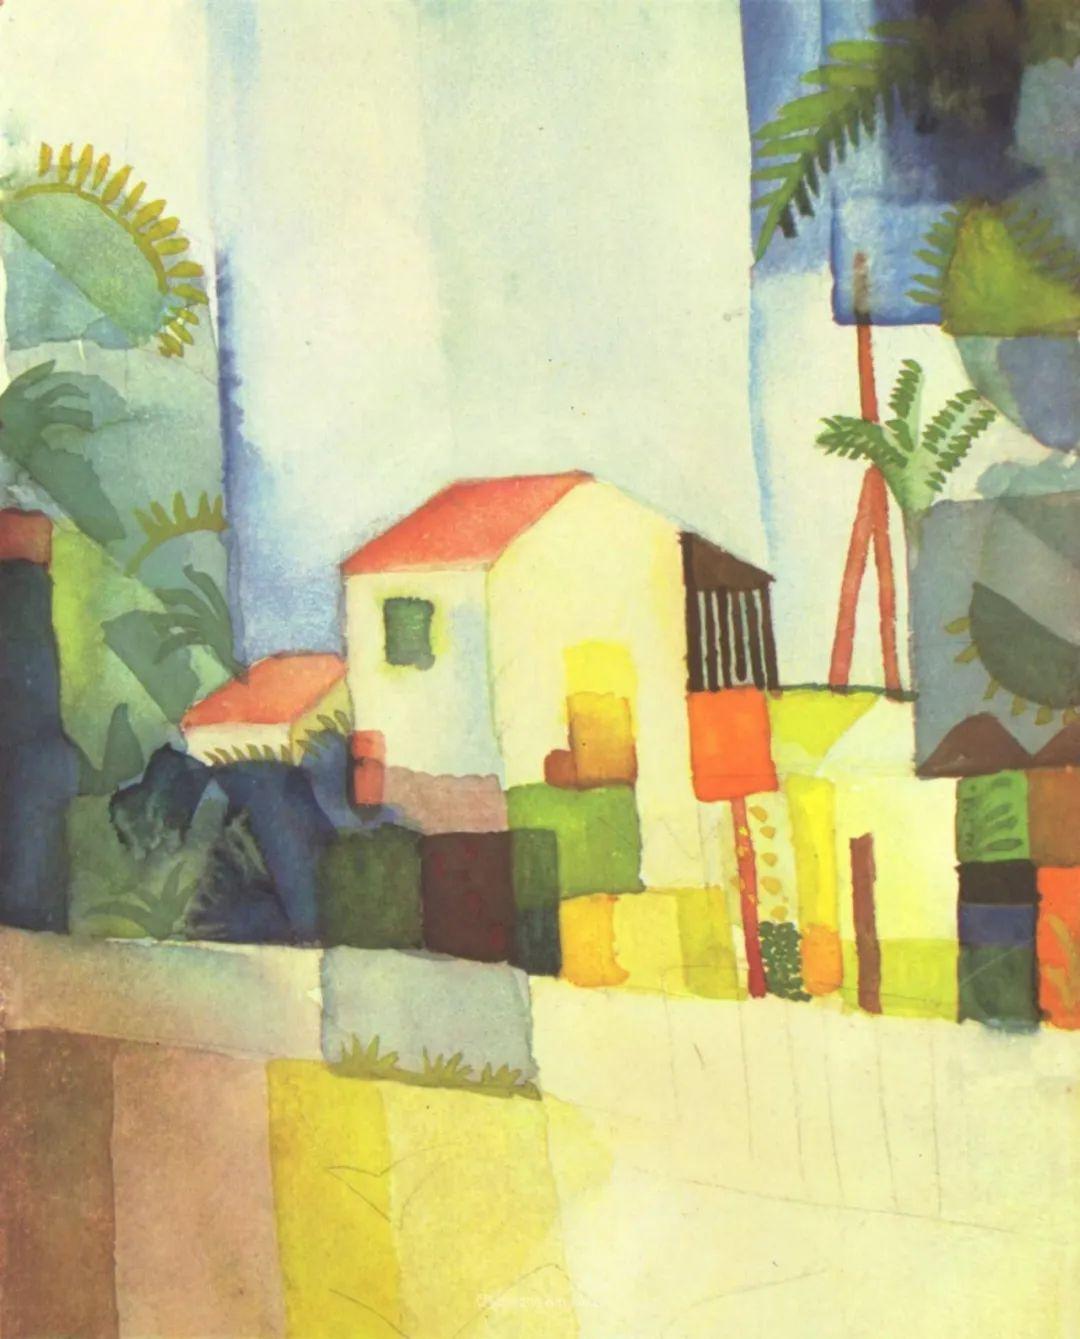 画面色彩的力量,德国表现主义画家奥古斯特·马克插图45